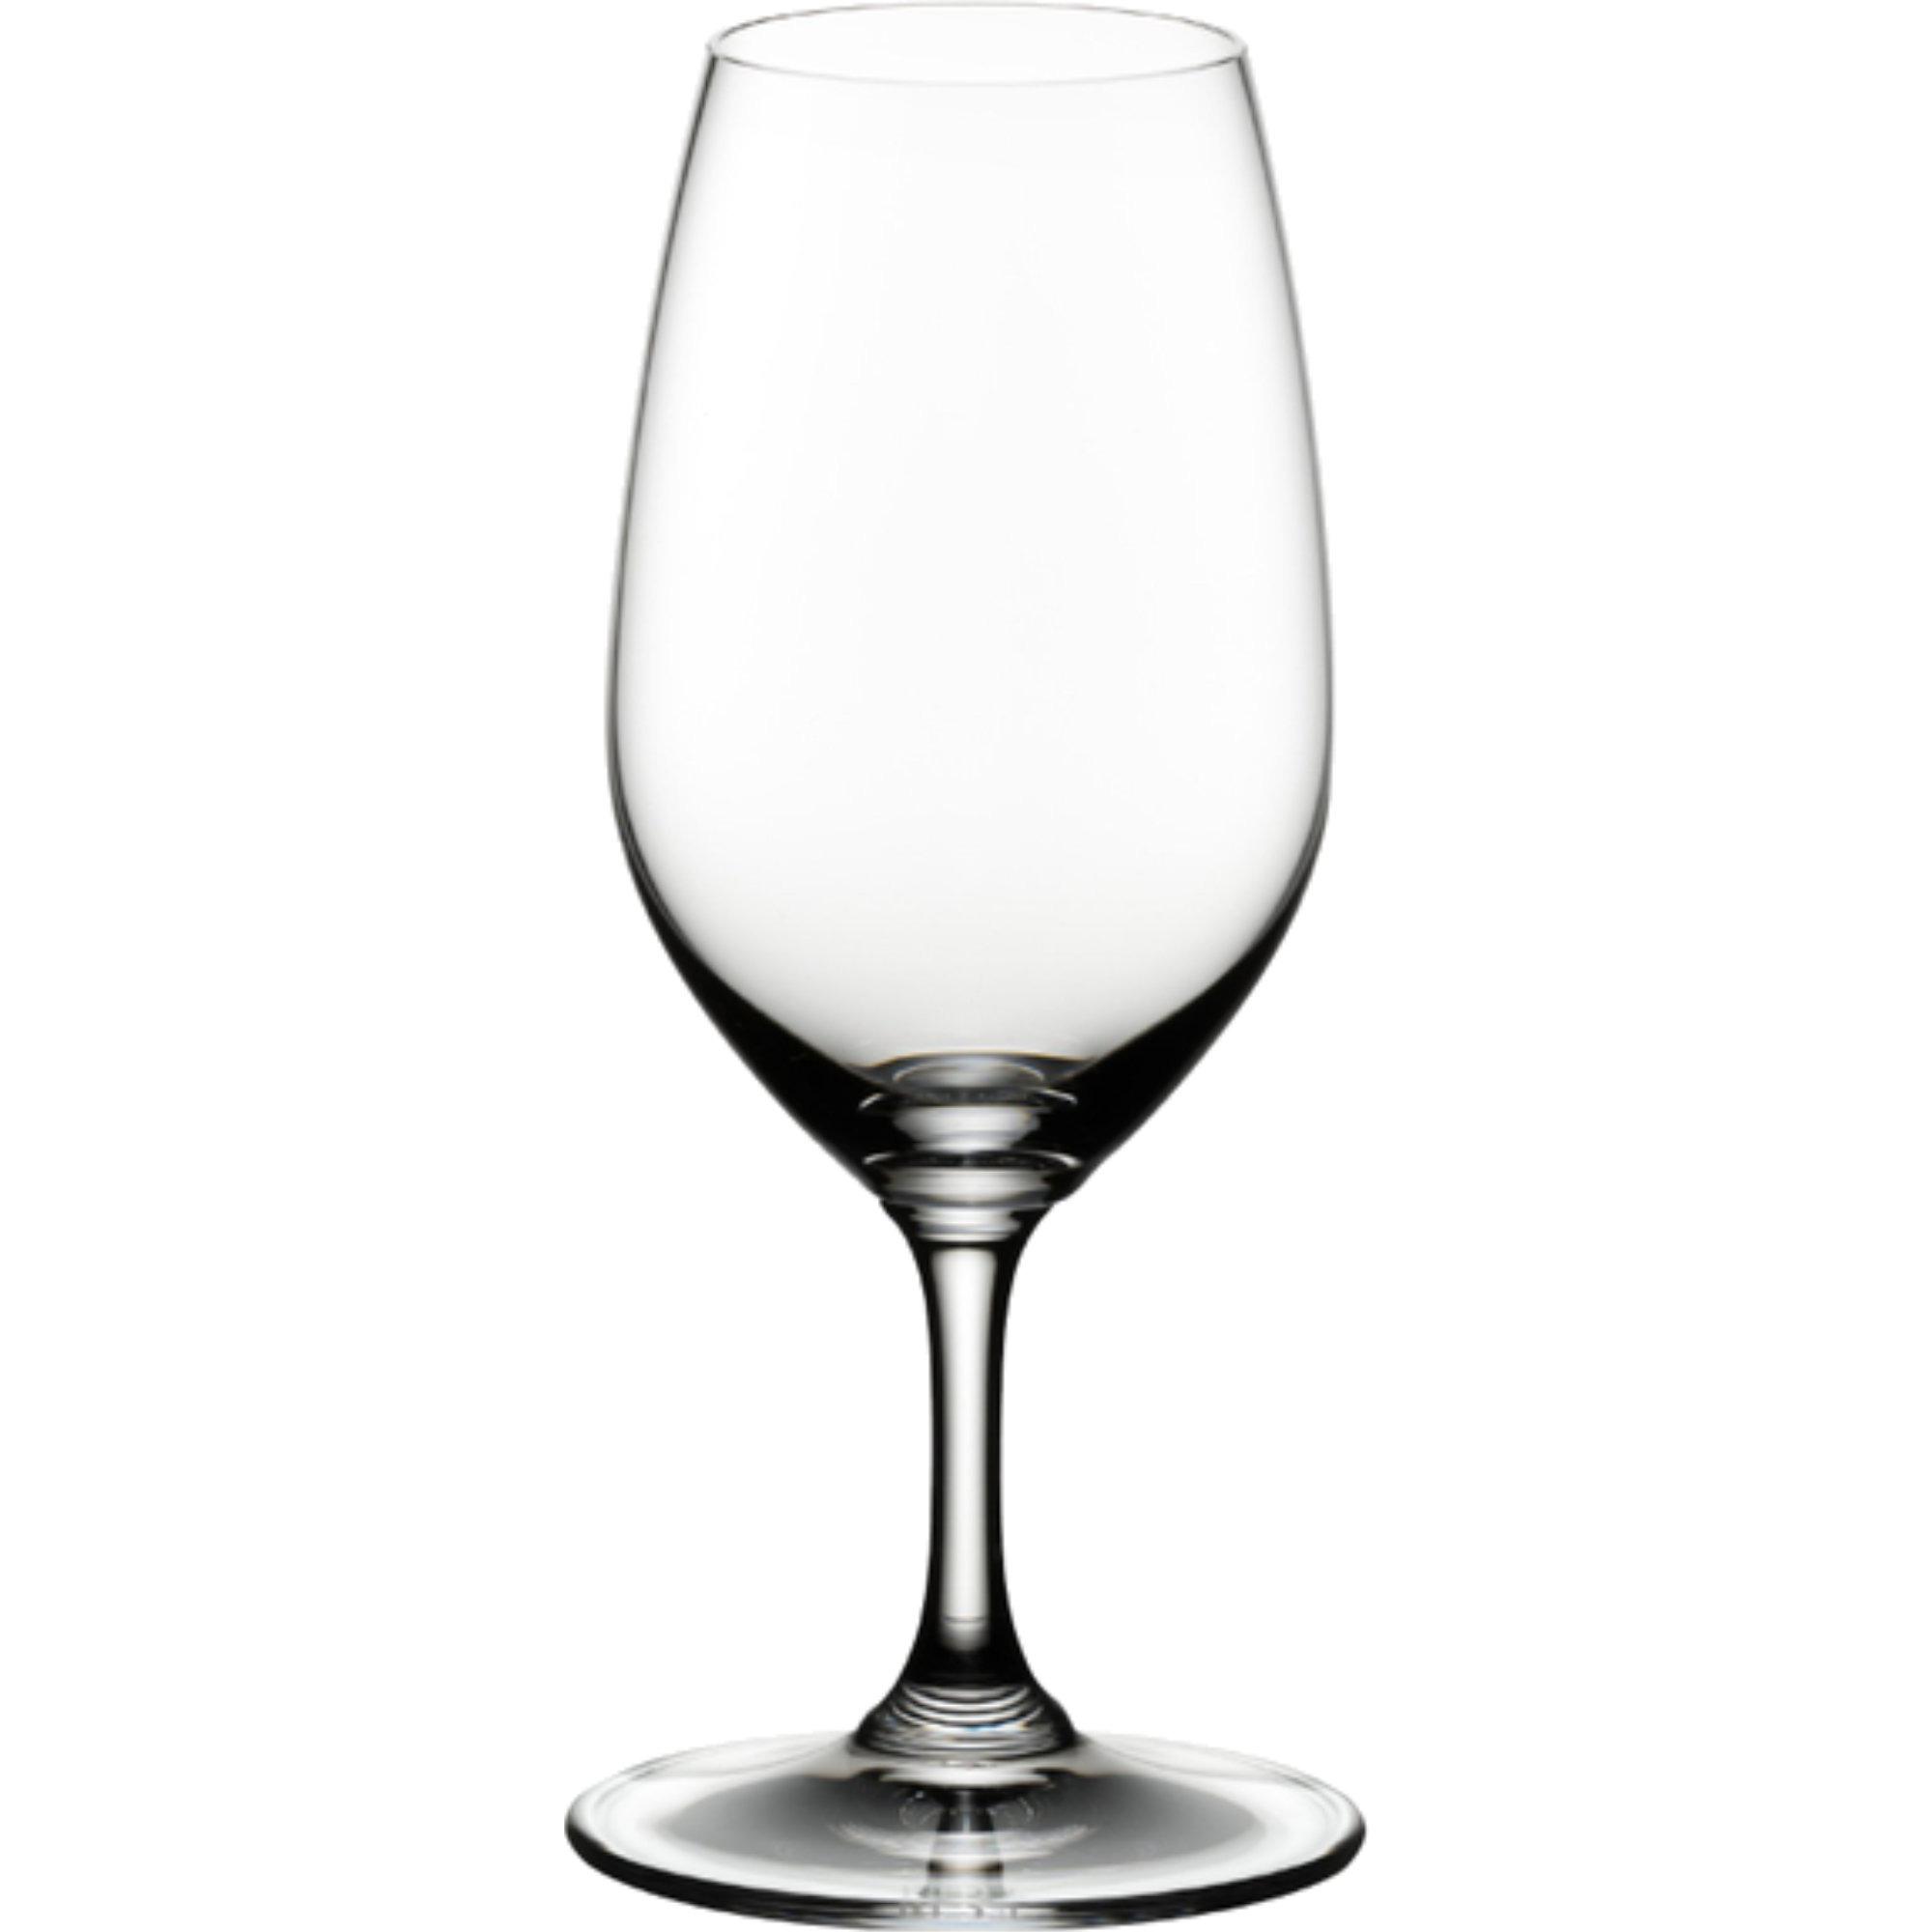 Riedel Vinum Portvinsglas 24 cl 2-pack